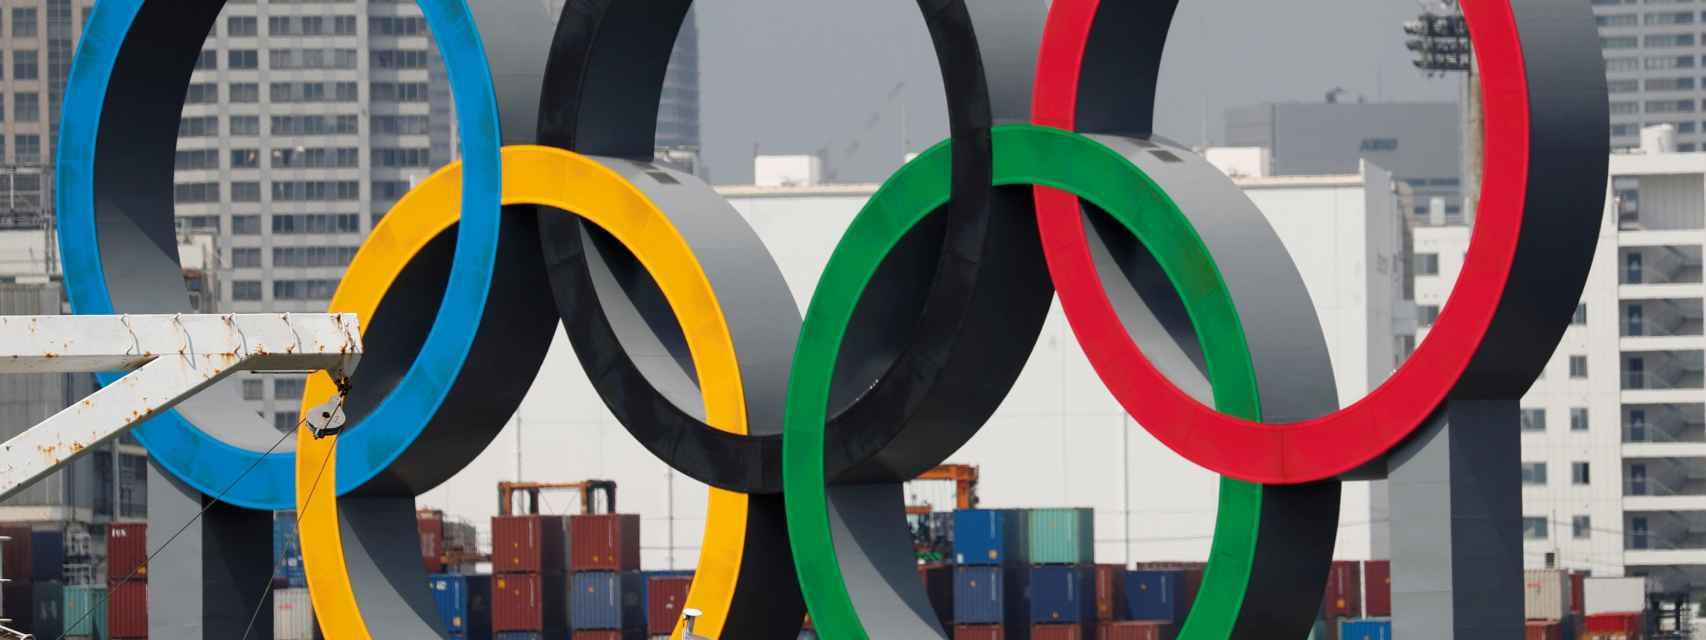 Logo de los Juegos Olímpicos de Tokio